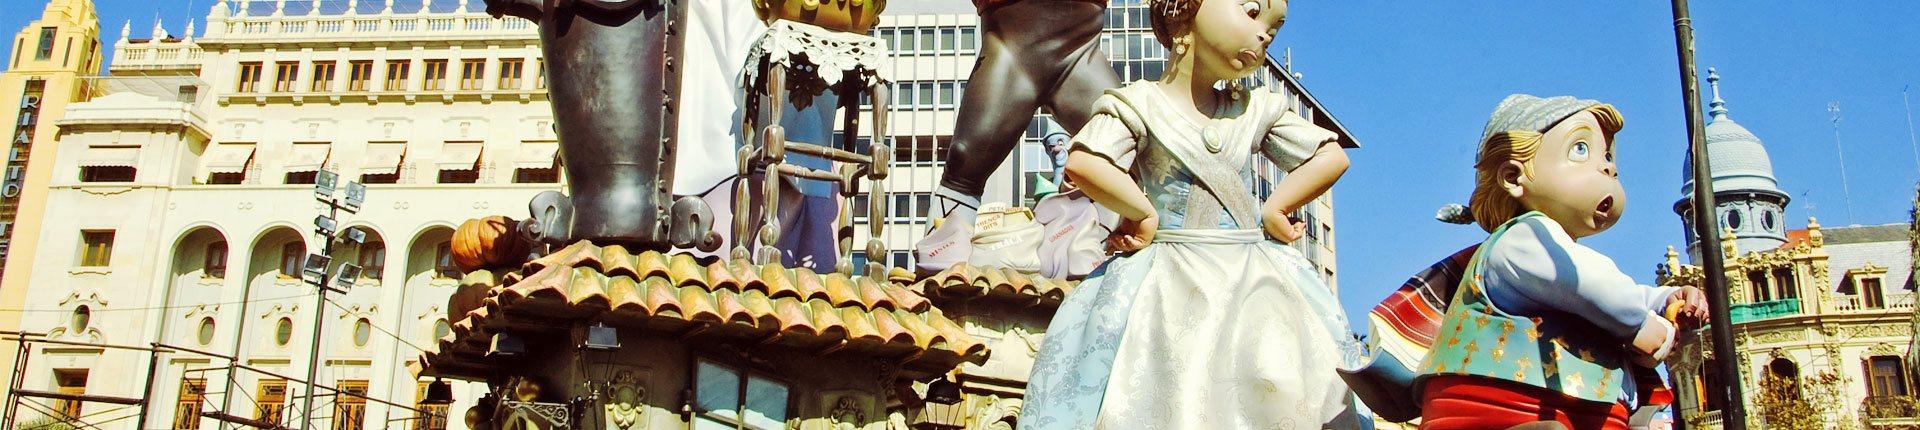 Ferienwohnungen in Valencia Header Image